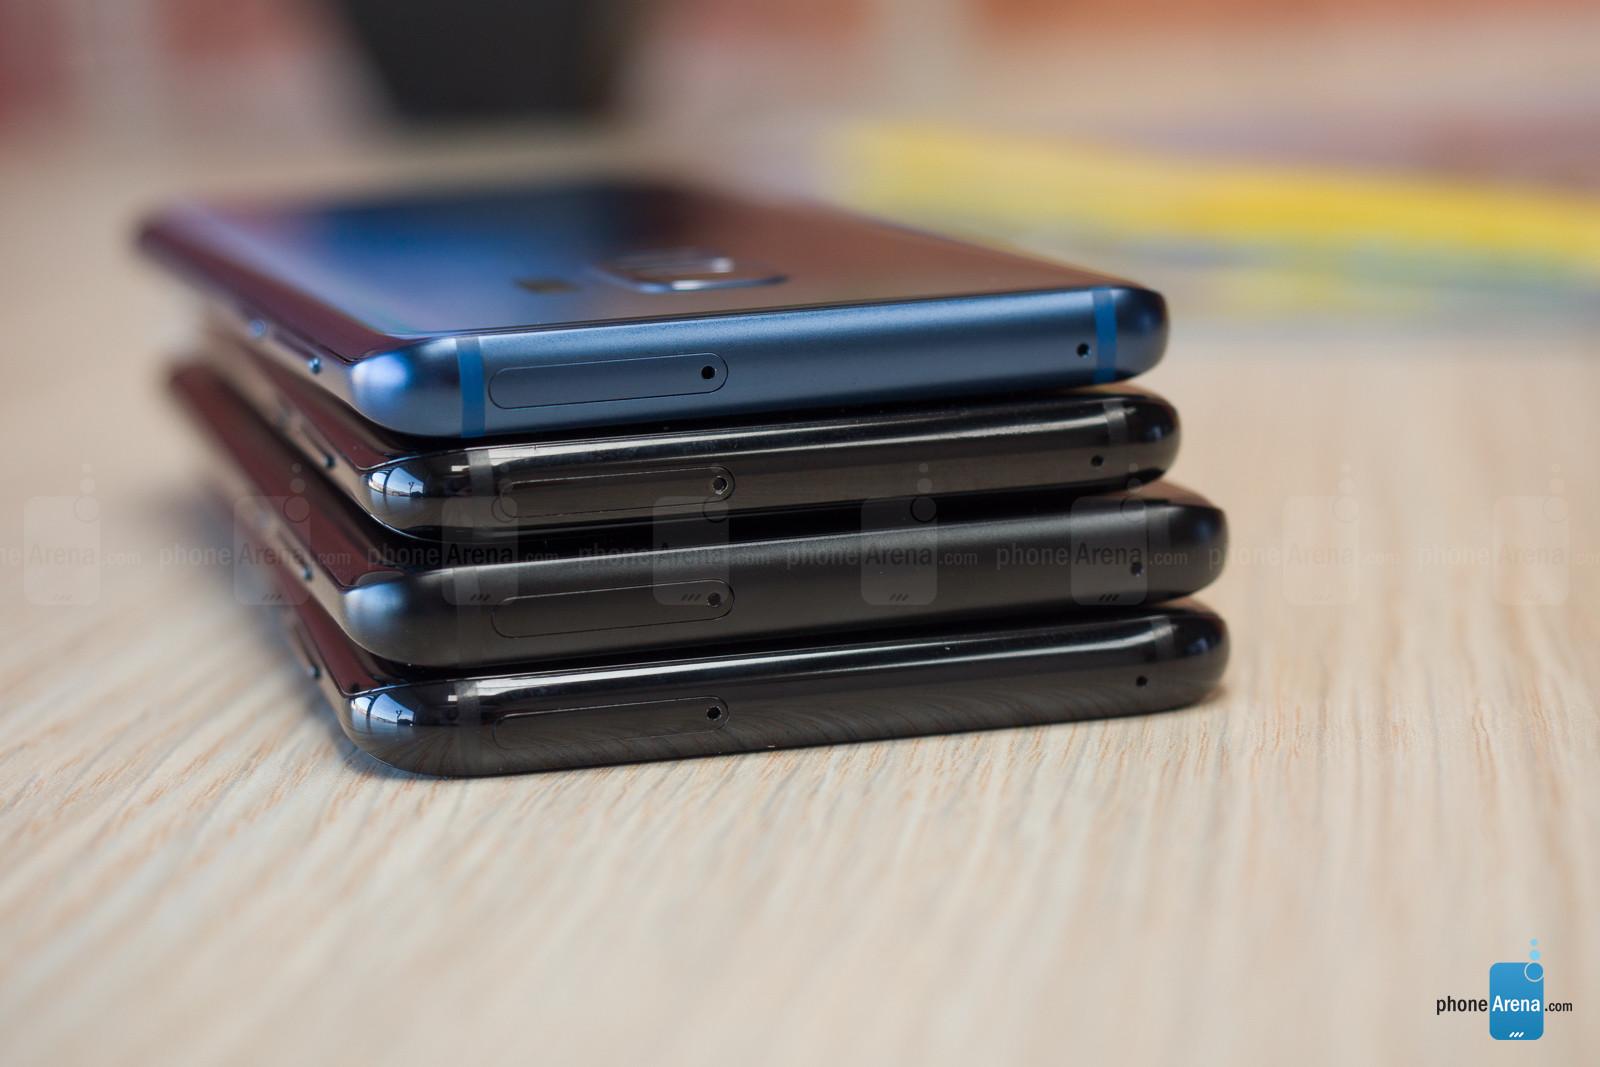 مقایسه طراحی، ساخت و نمایشگر گوشی هایگلکسی اس 8 پلاس و گلکسی اس 9 پلاس